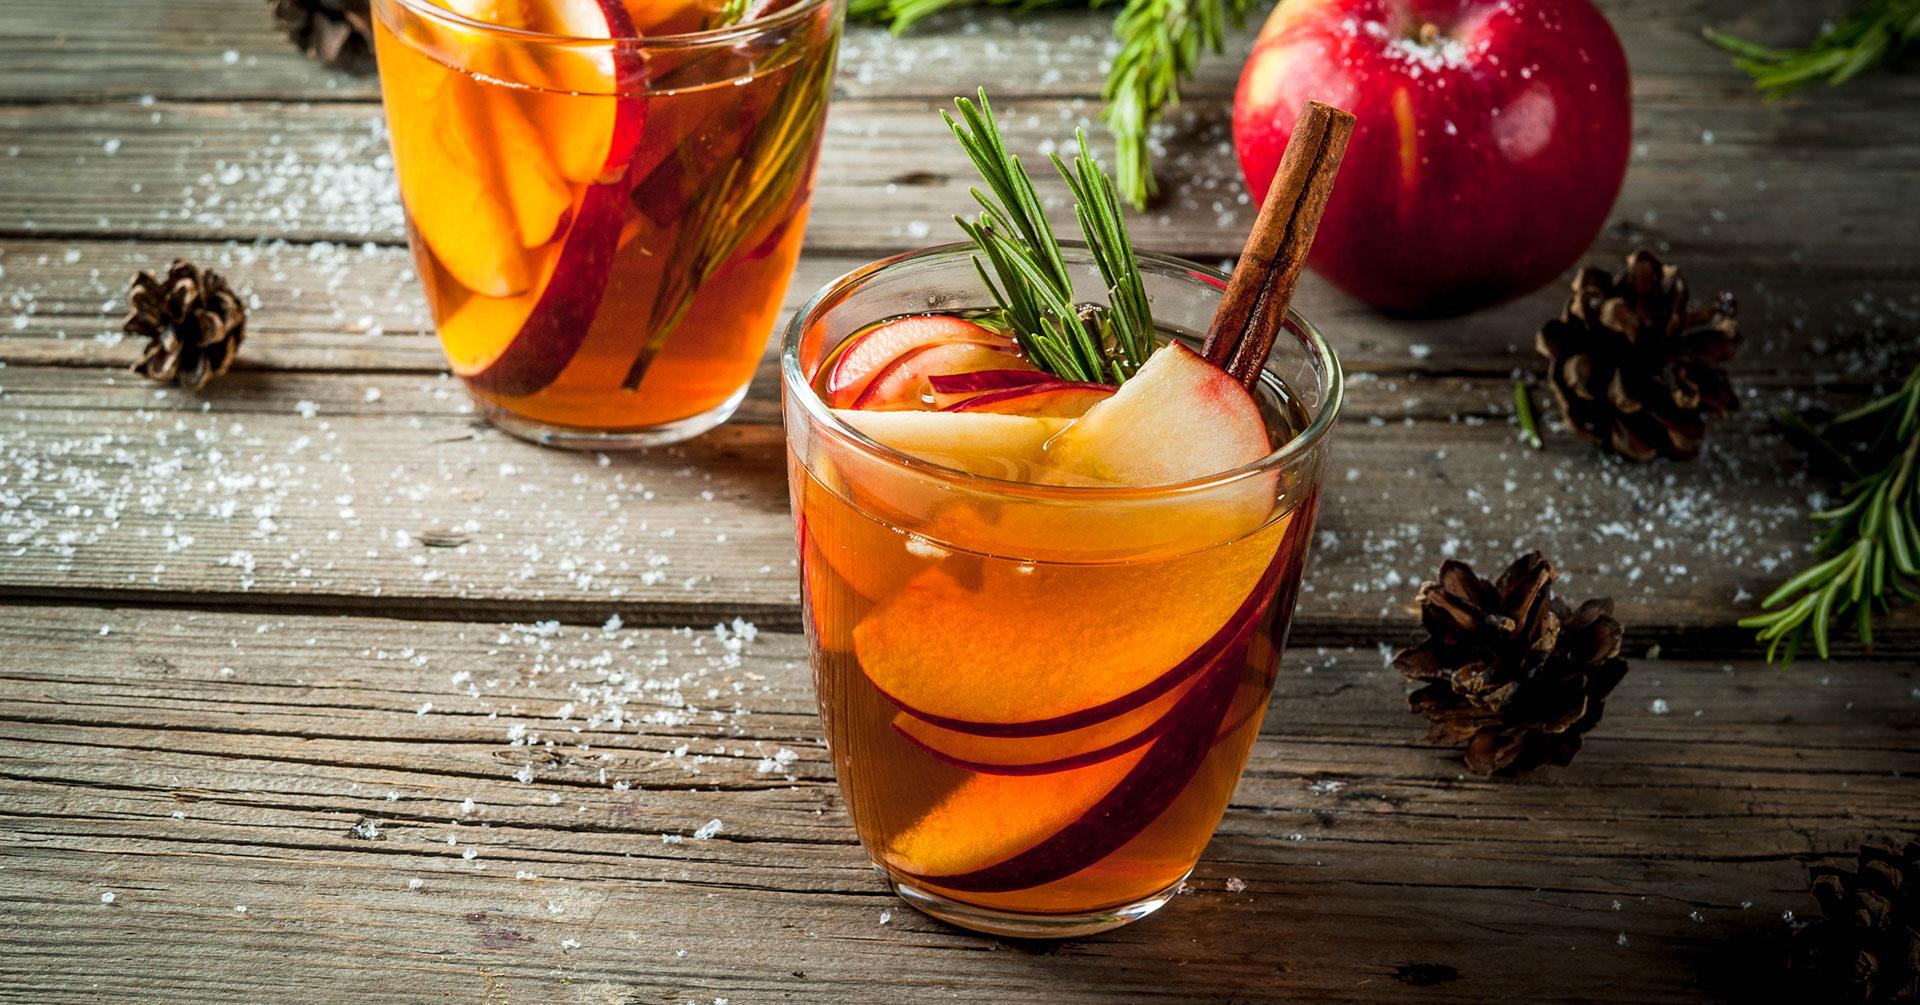 Refréscate con un jugo de manzana y avena